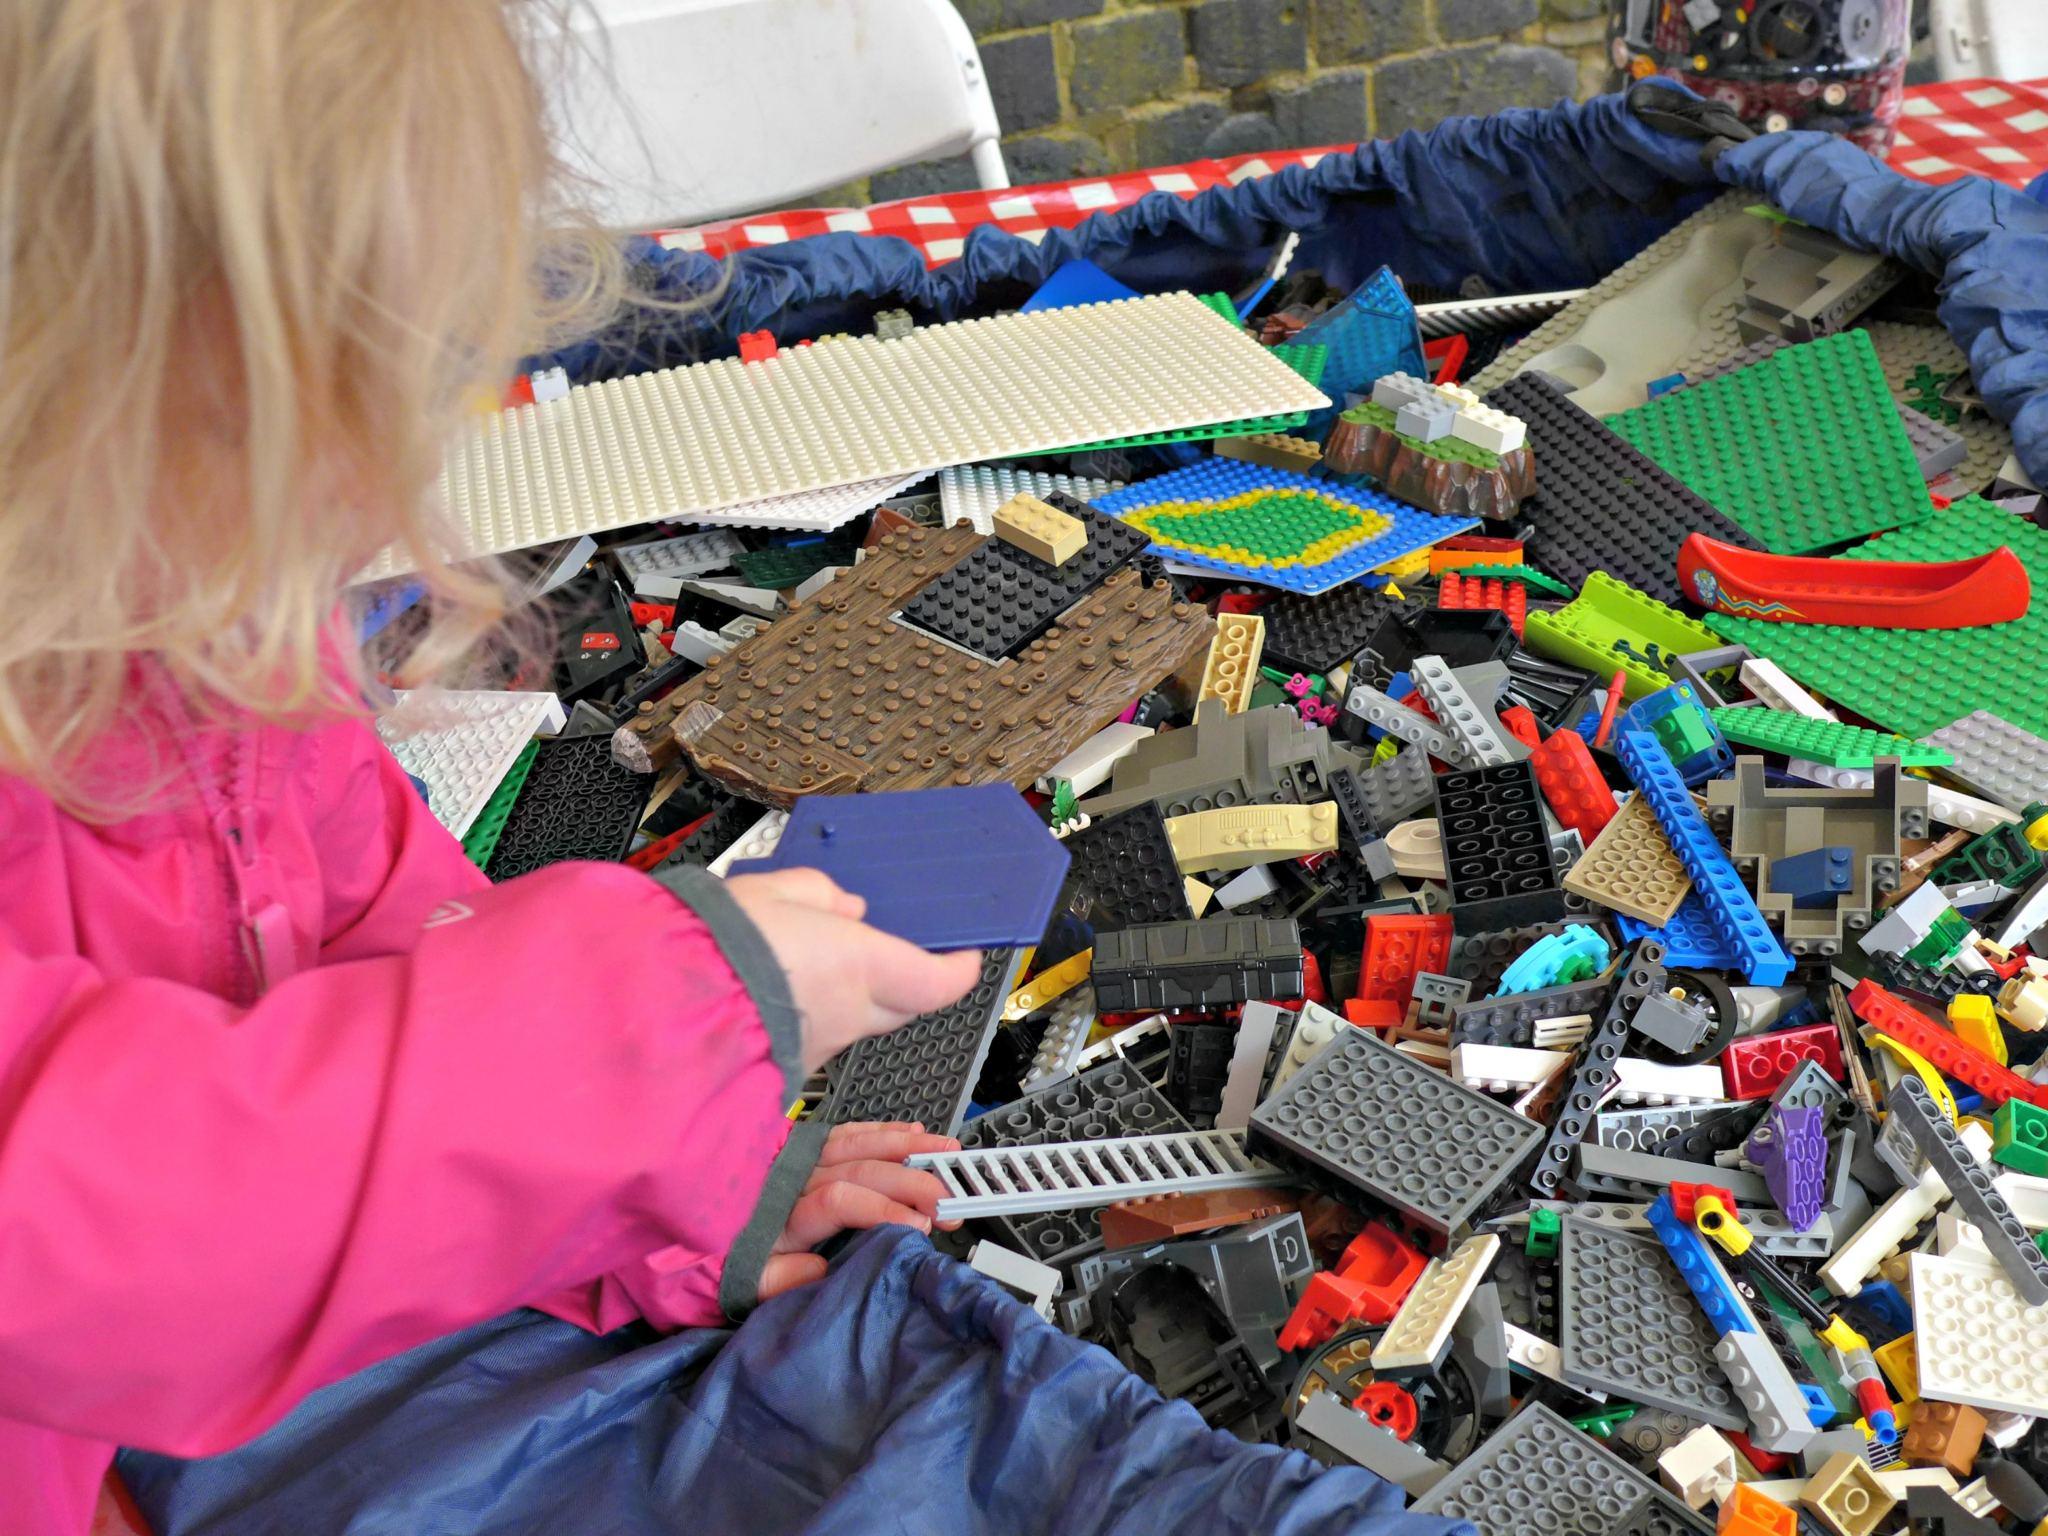 Build it lego club levenshulme market